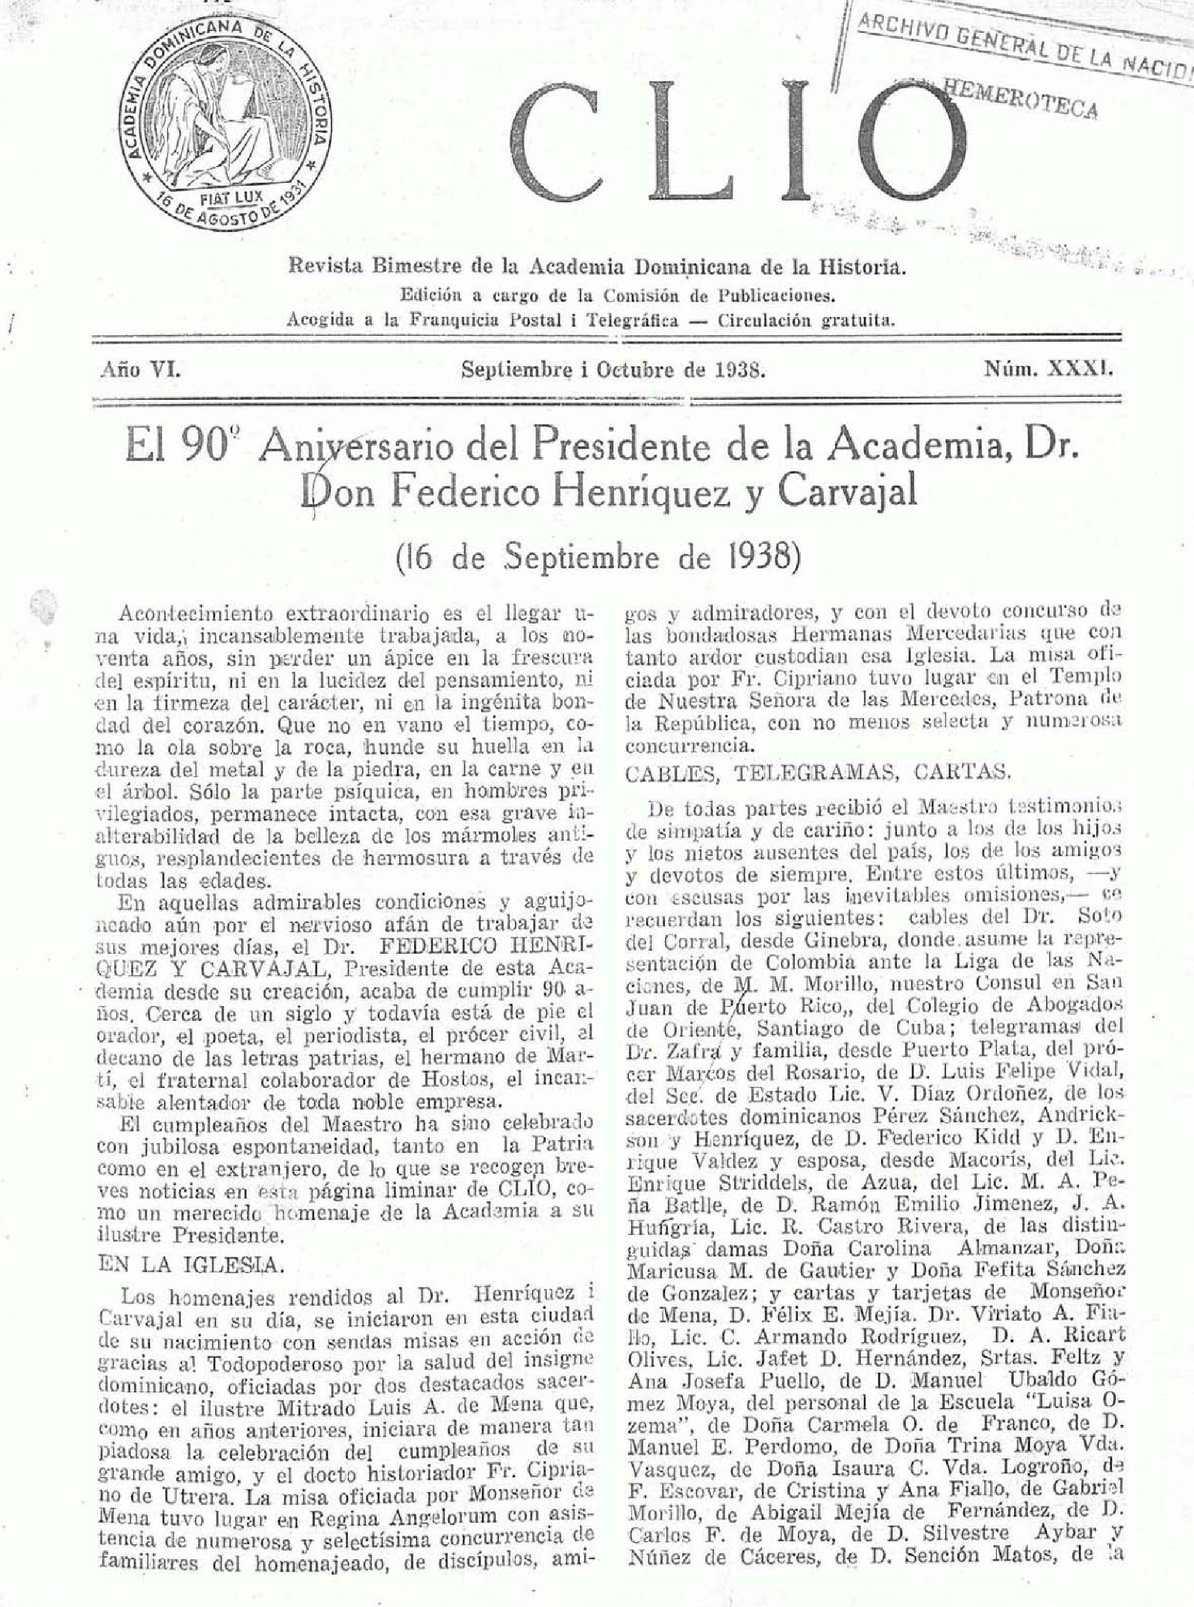 Calaméo - Clío No. 31